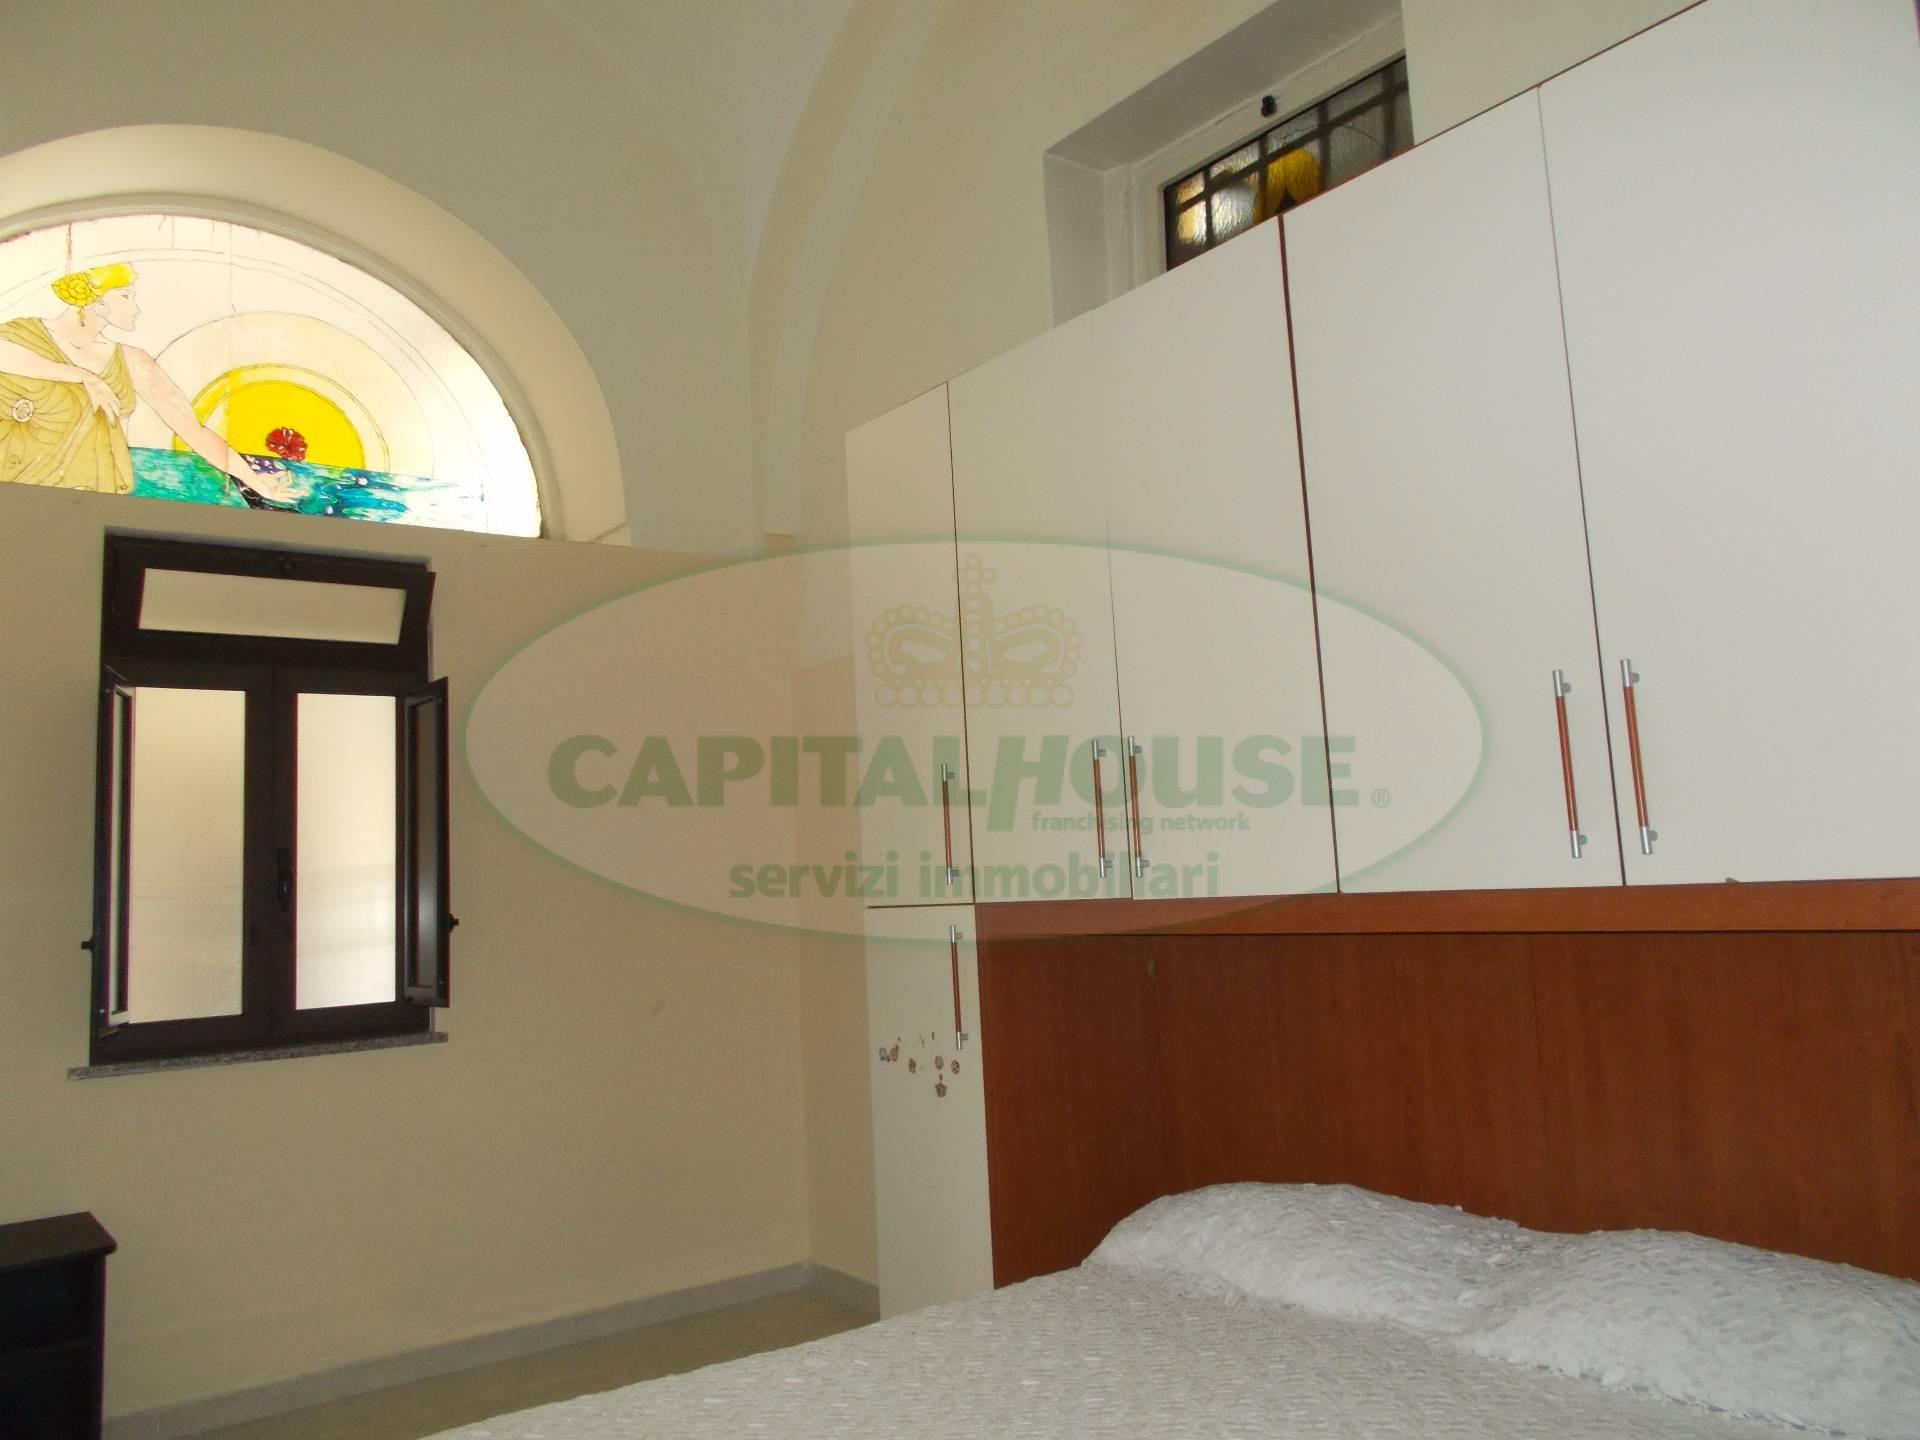 Appartamento in affitto a Curti, 3 locali, prezzo € 280 | CambioCasa.it